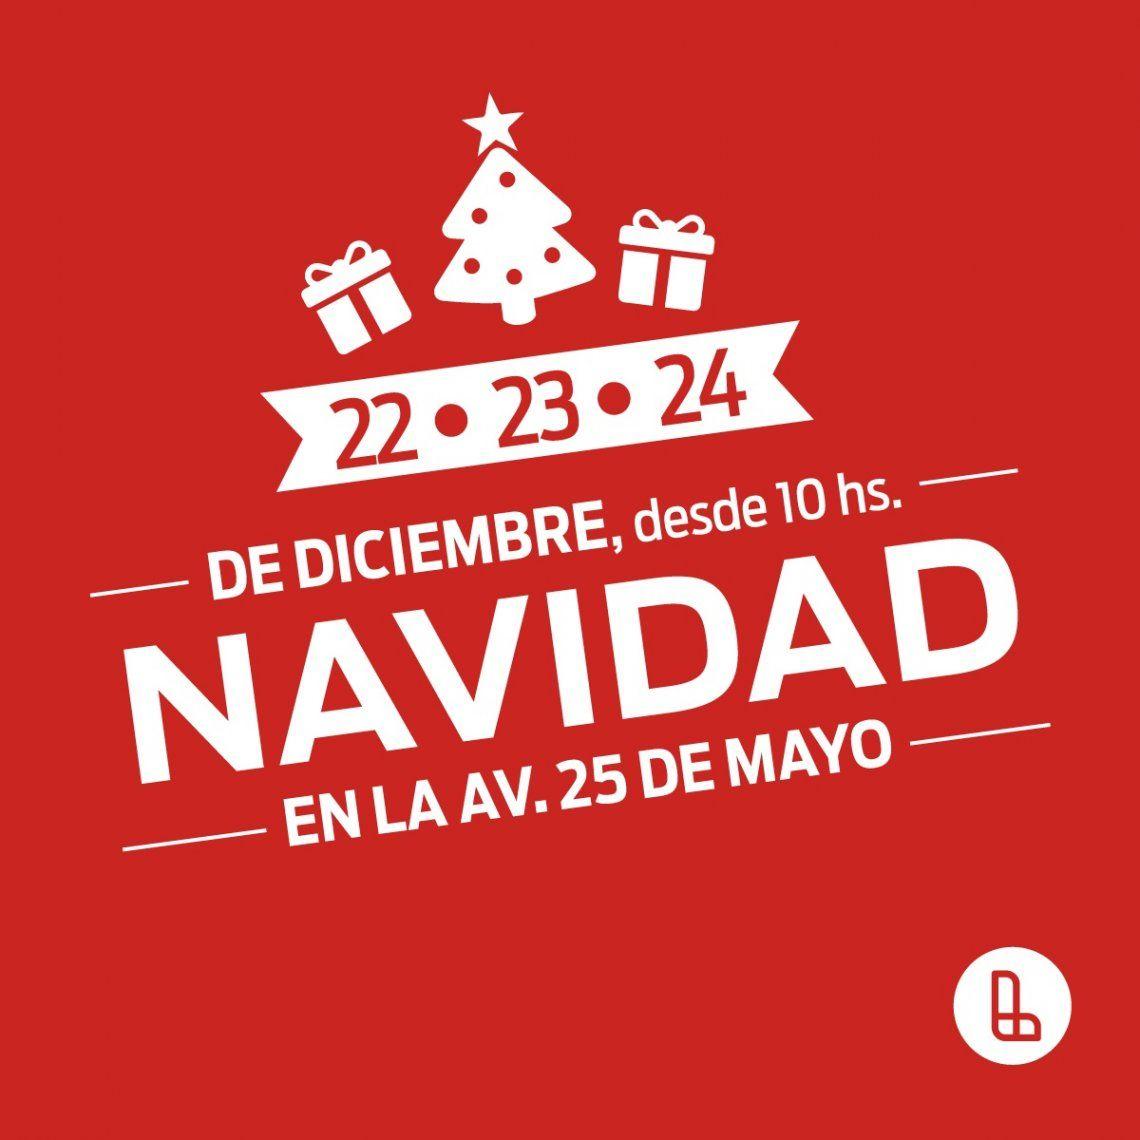 Espectáculos y shows para celebrar la Navidad en Lanús